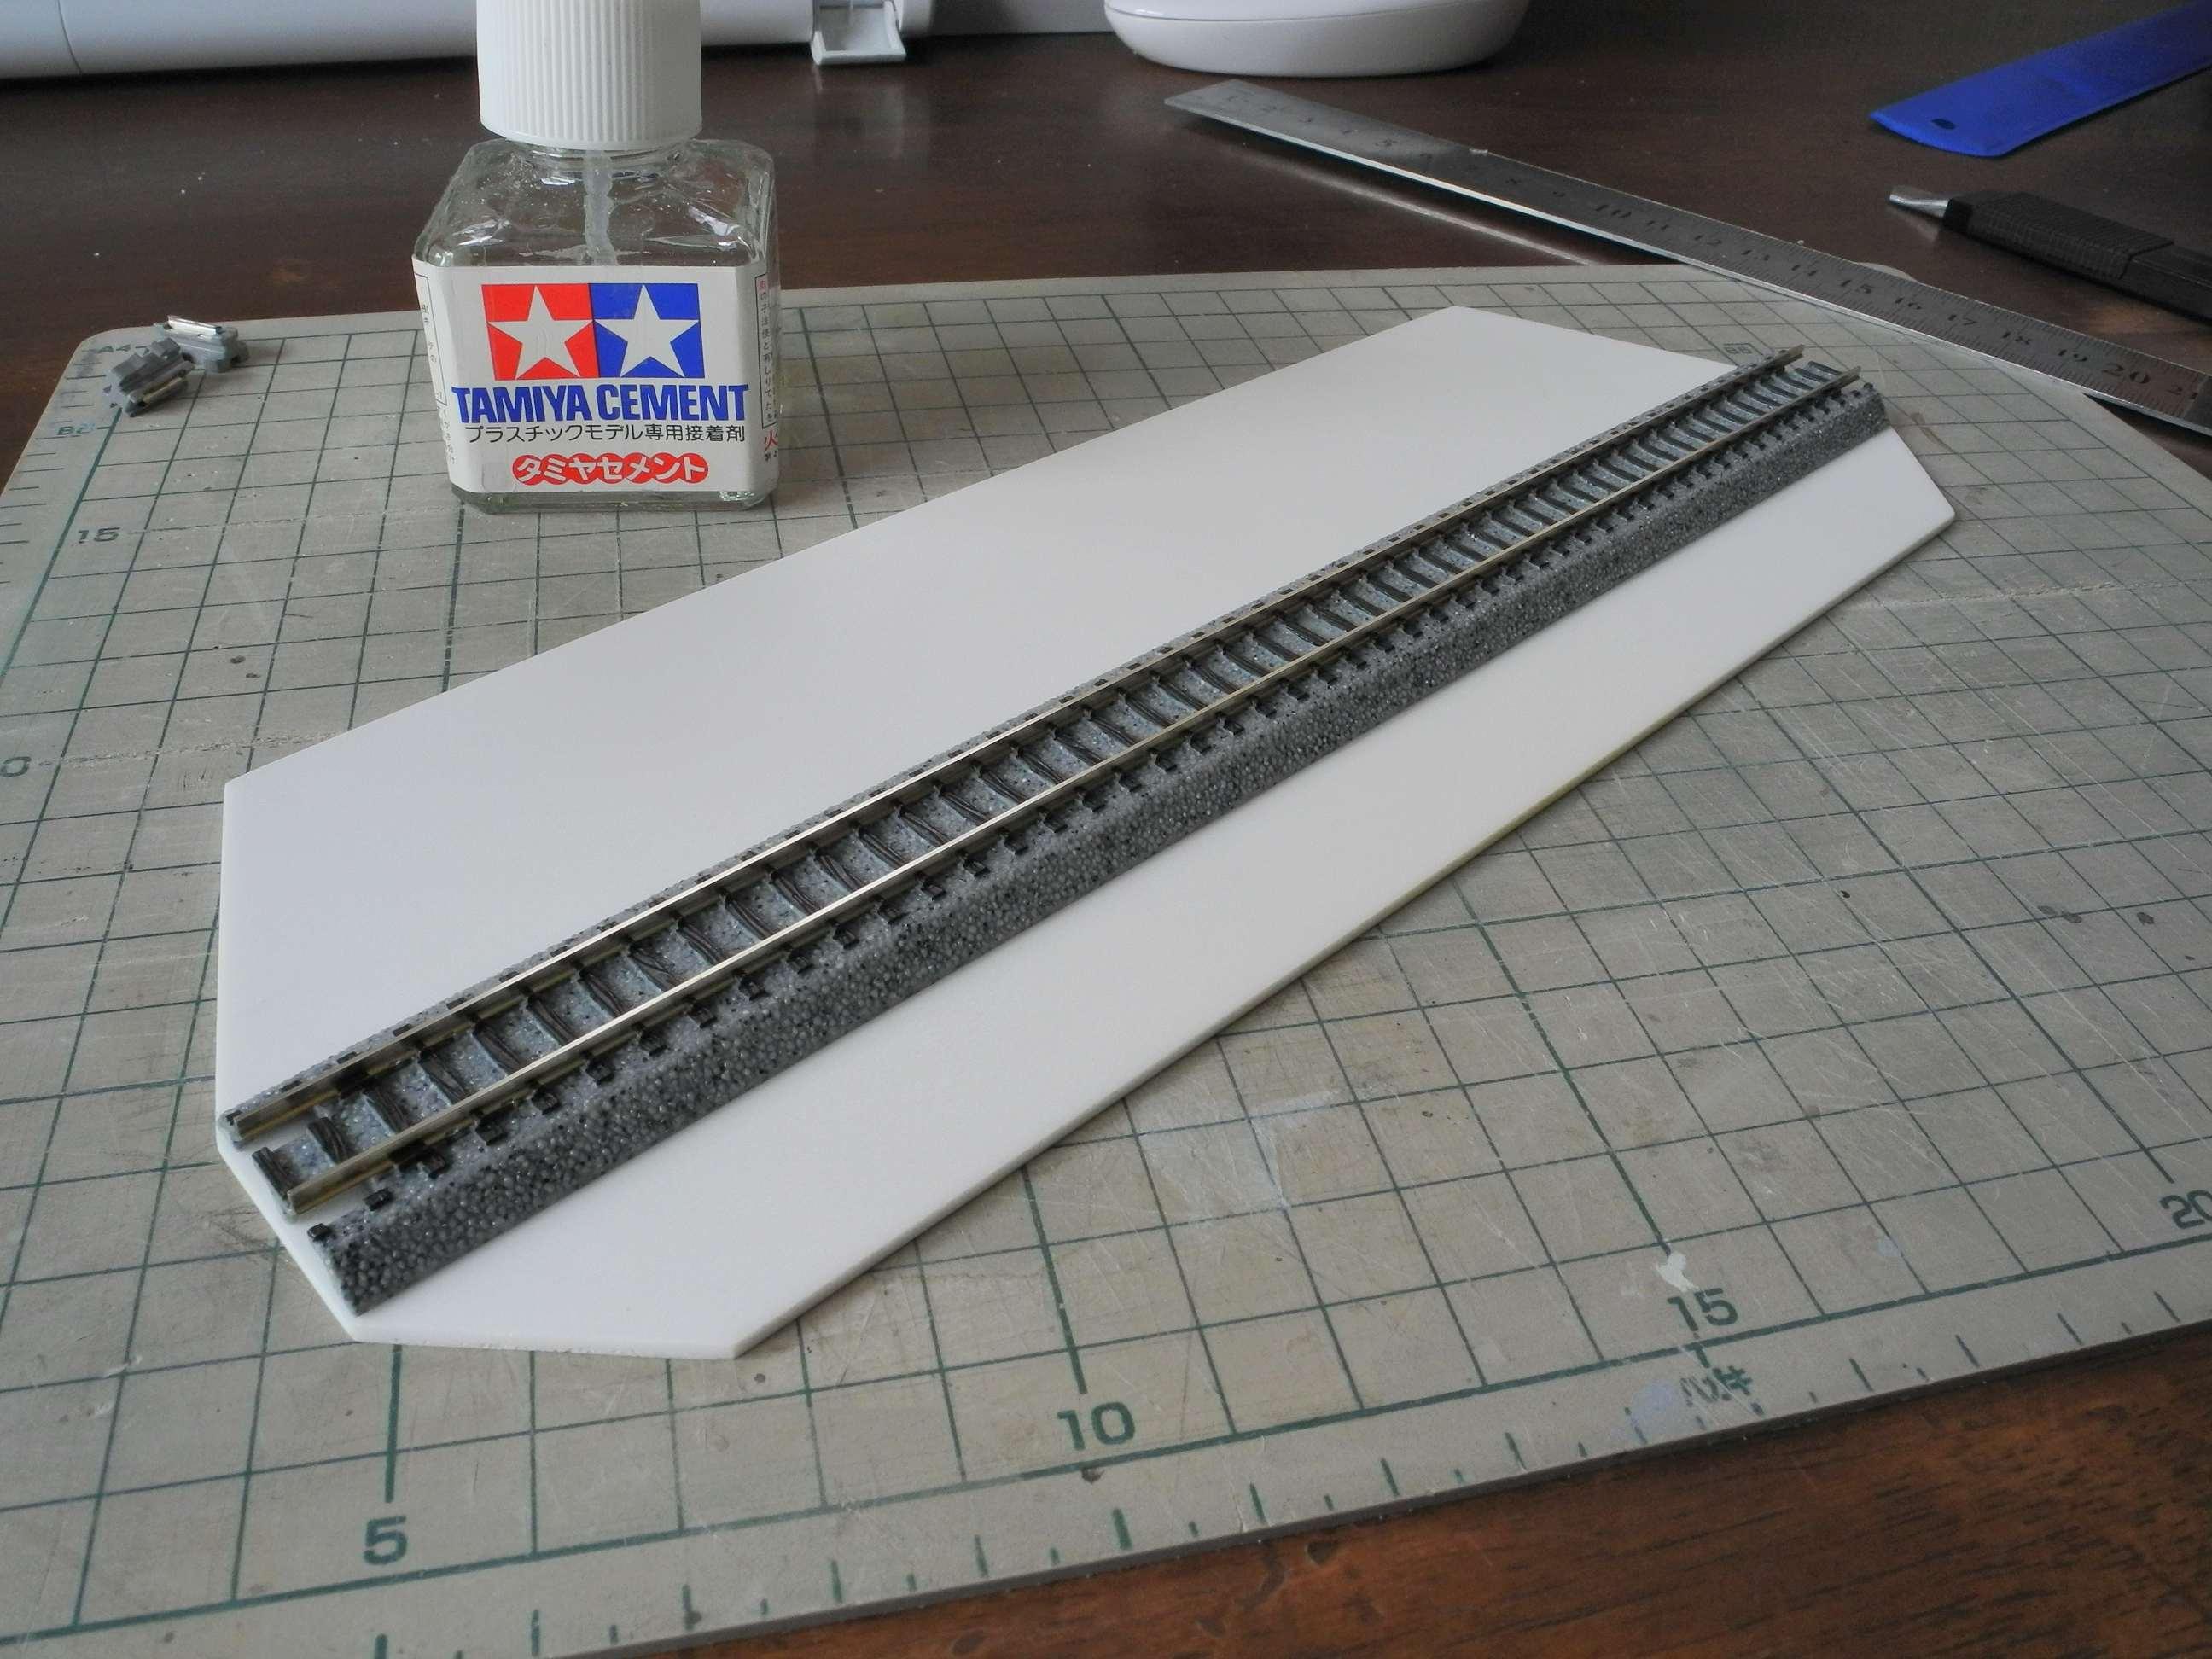 DSCN7398-1.jpg